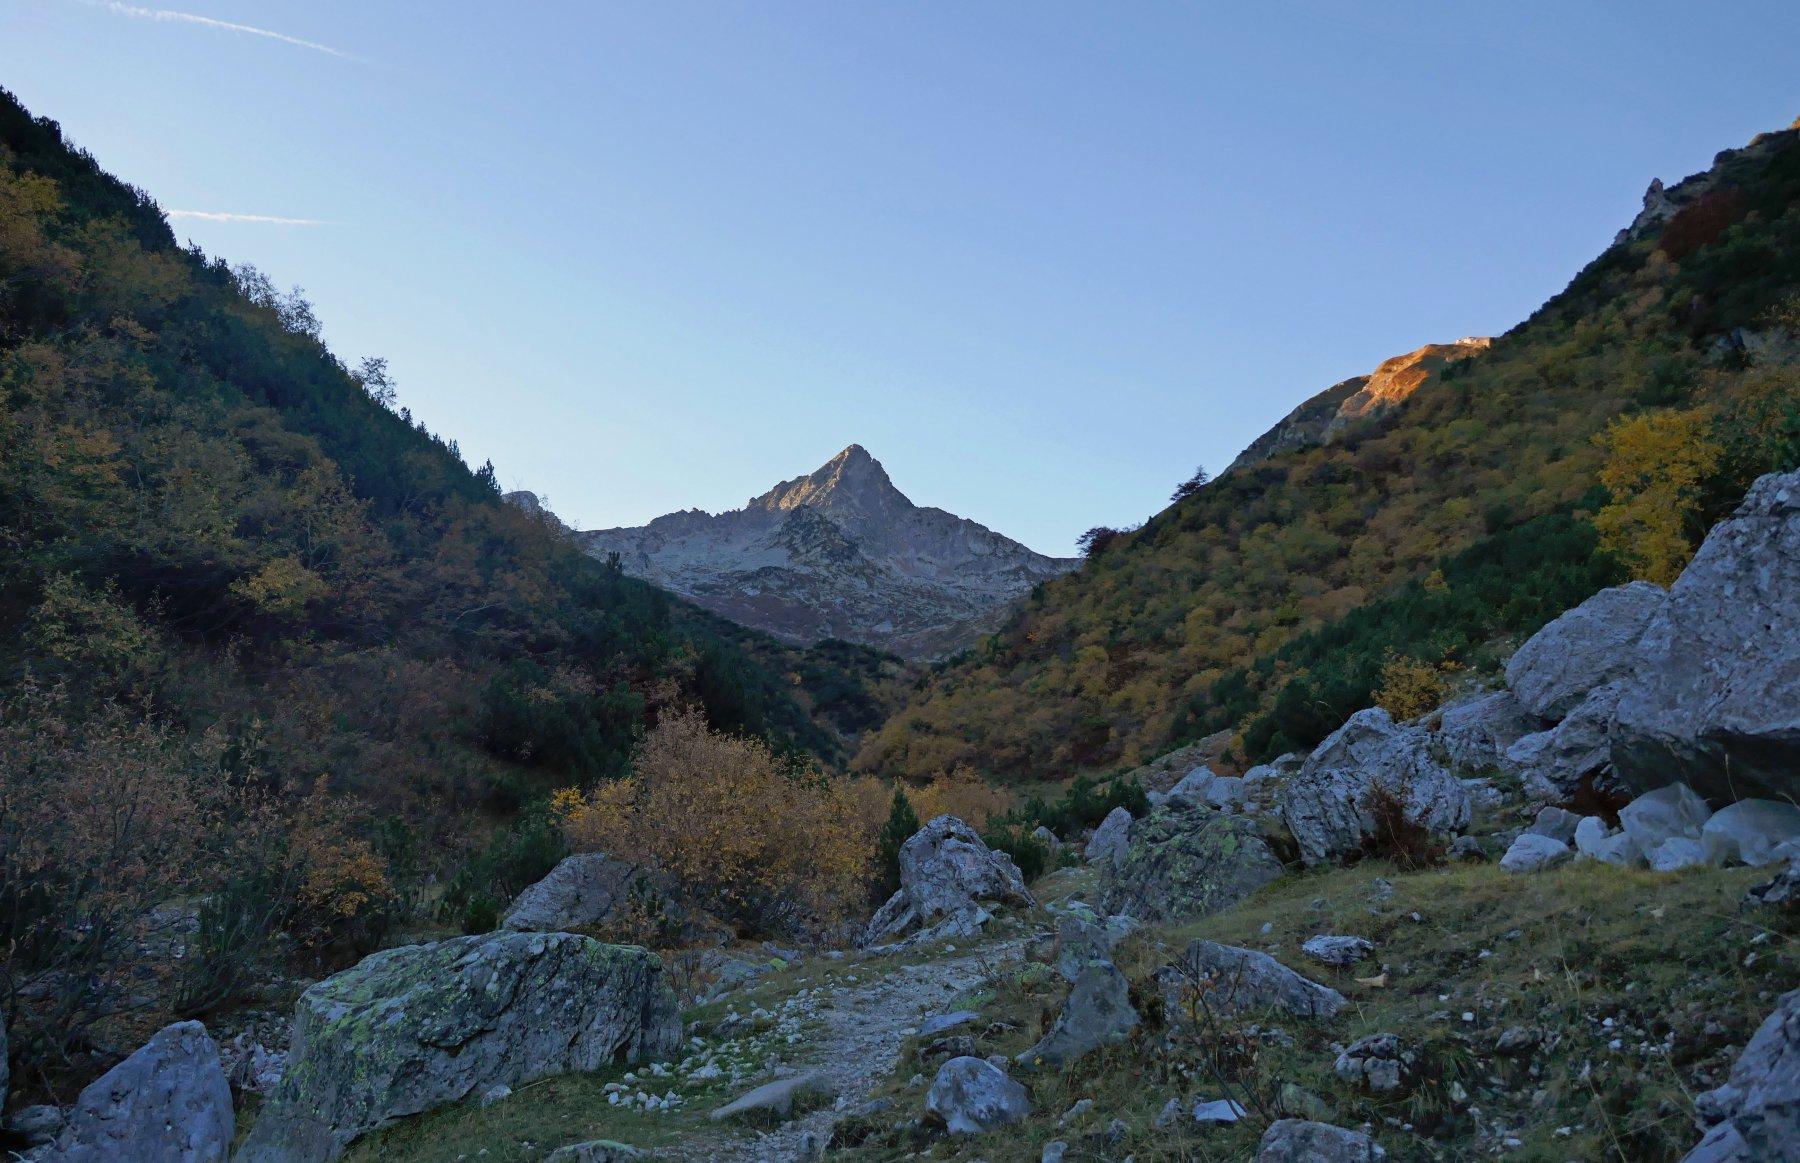 La piramide del Frisson vista dall' inizio del vallone degli Alberghi